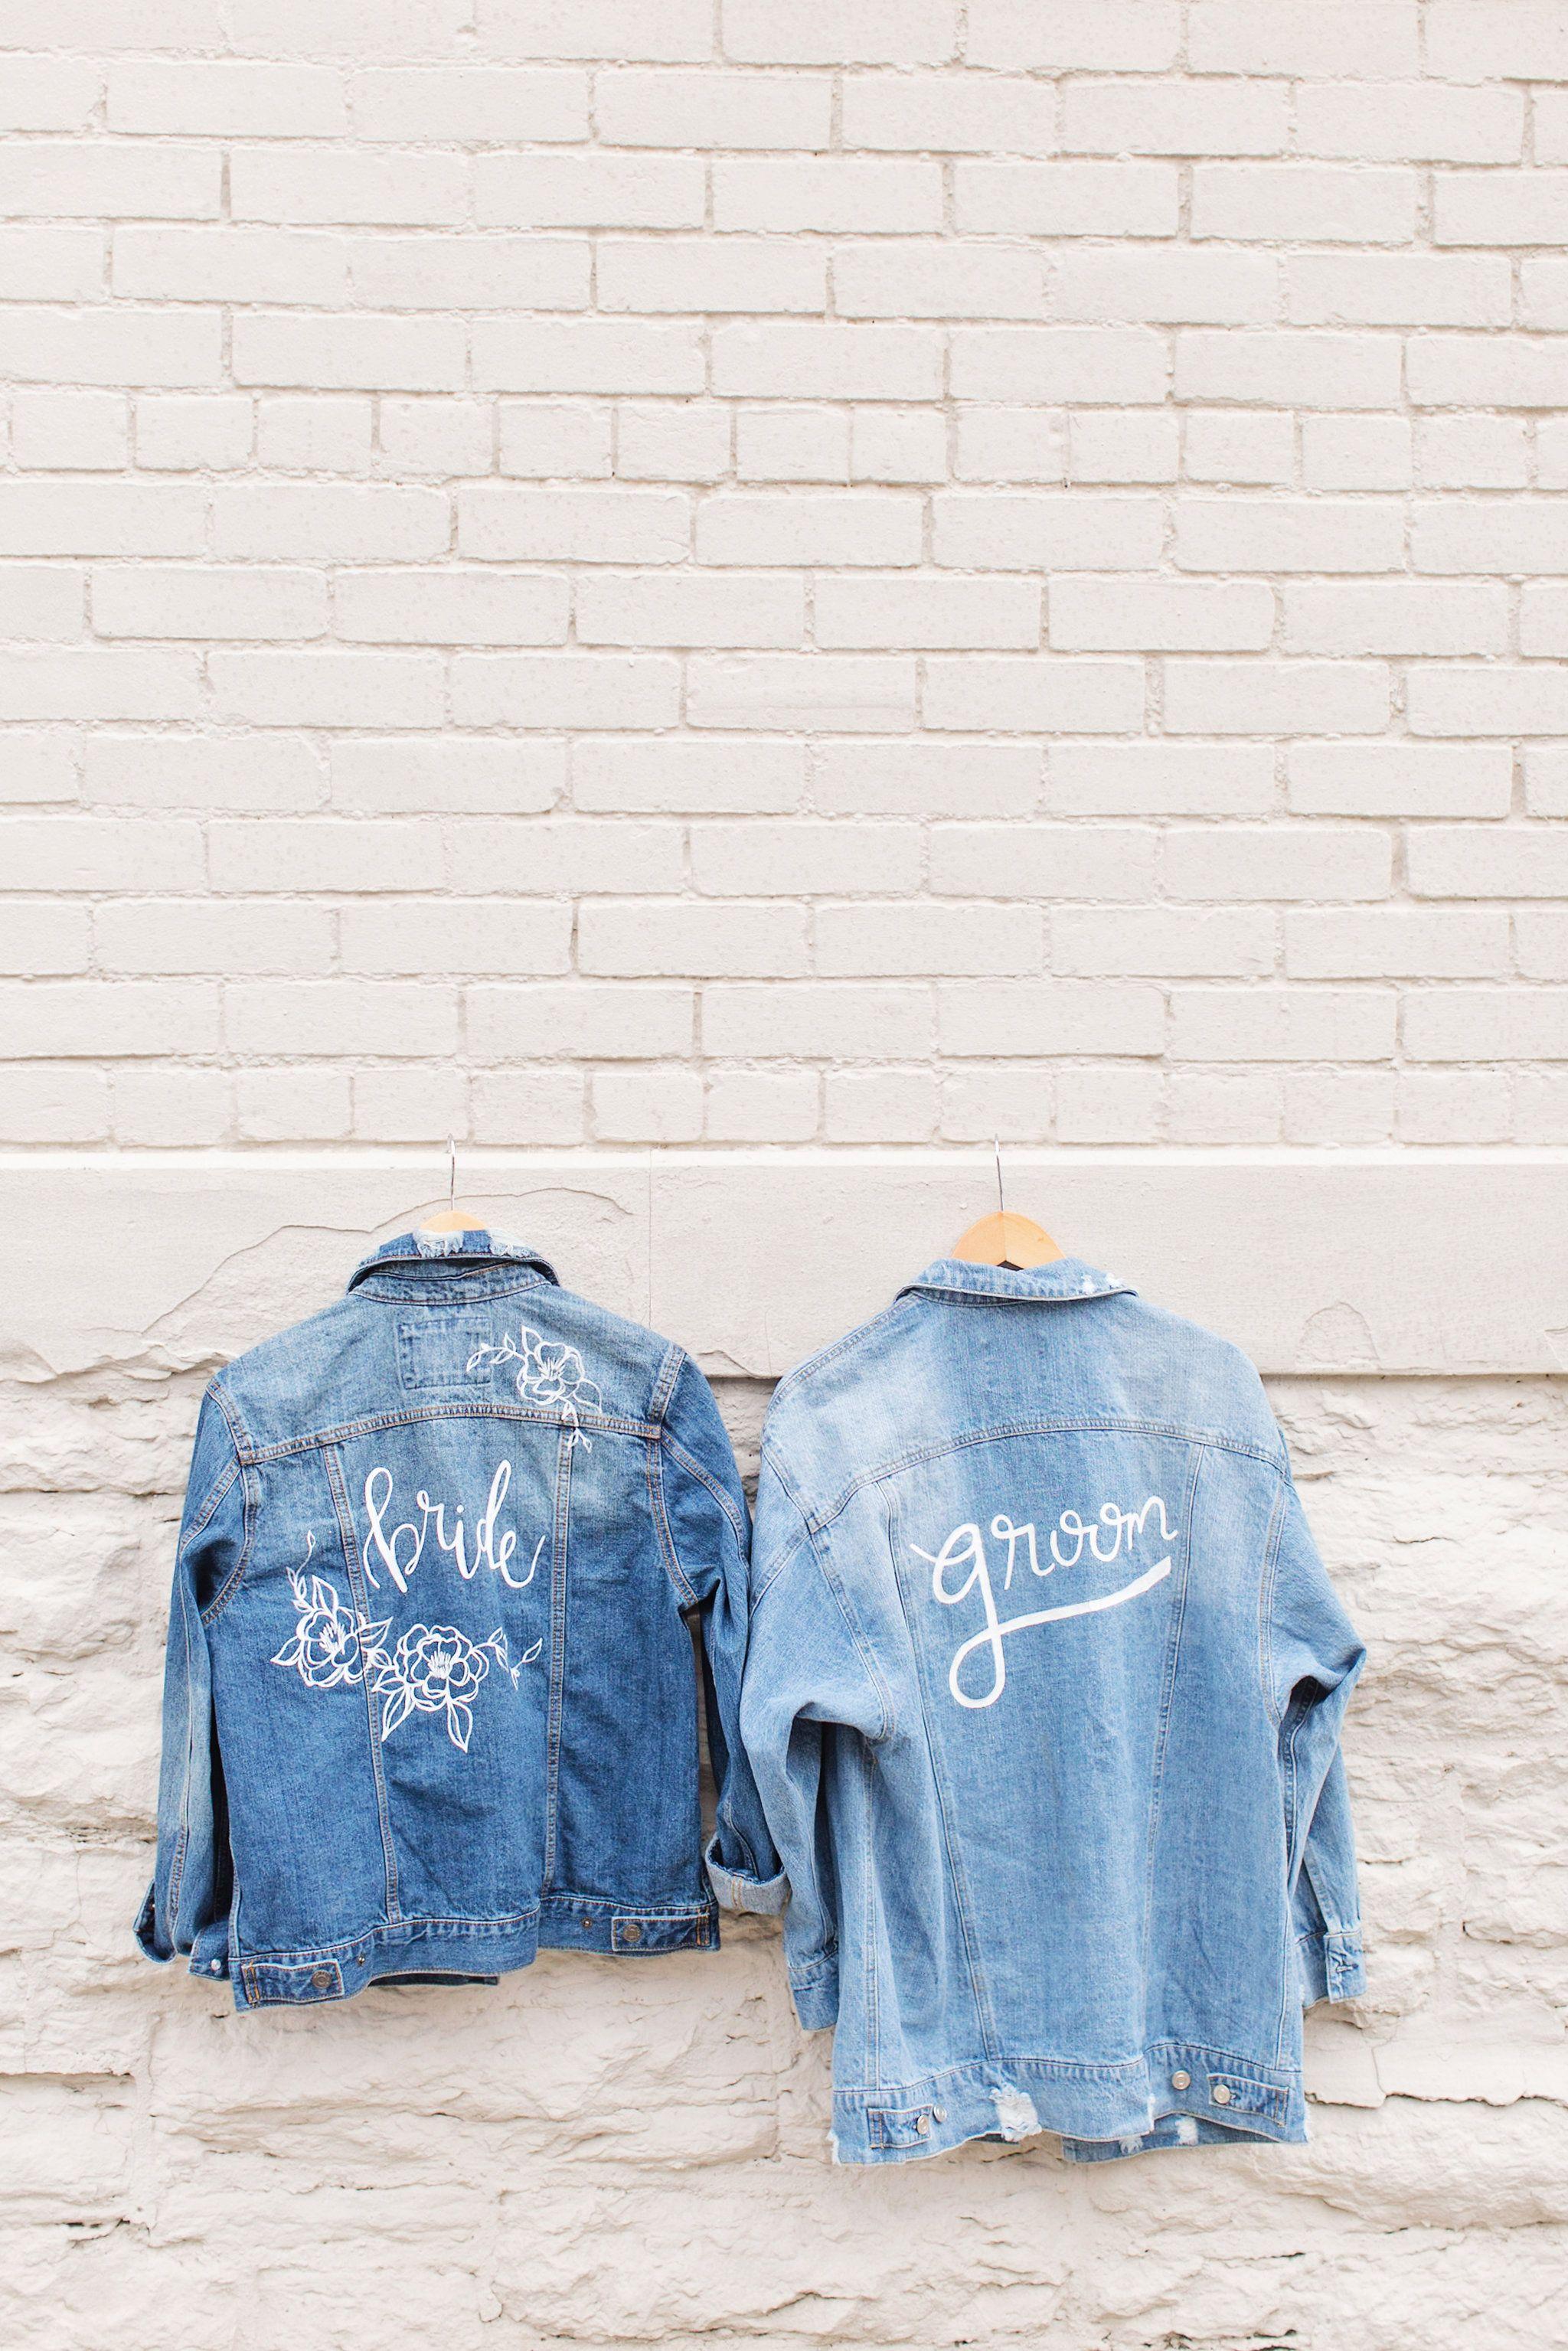 Painted jean jackets for a boho wedding bohowedding